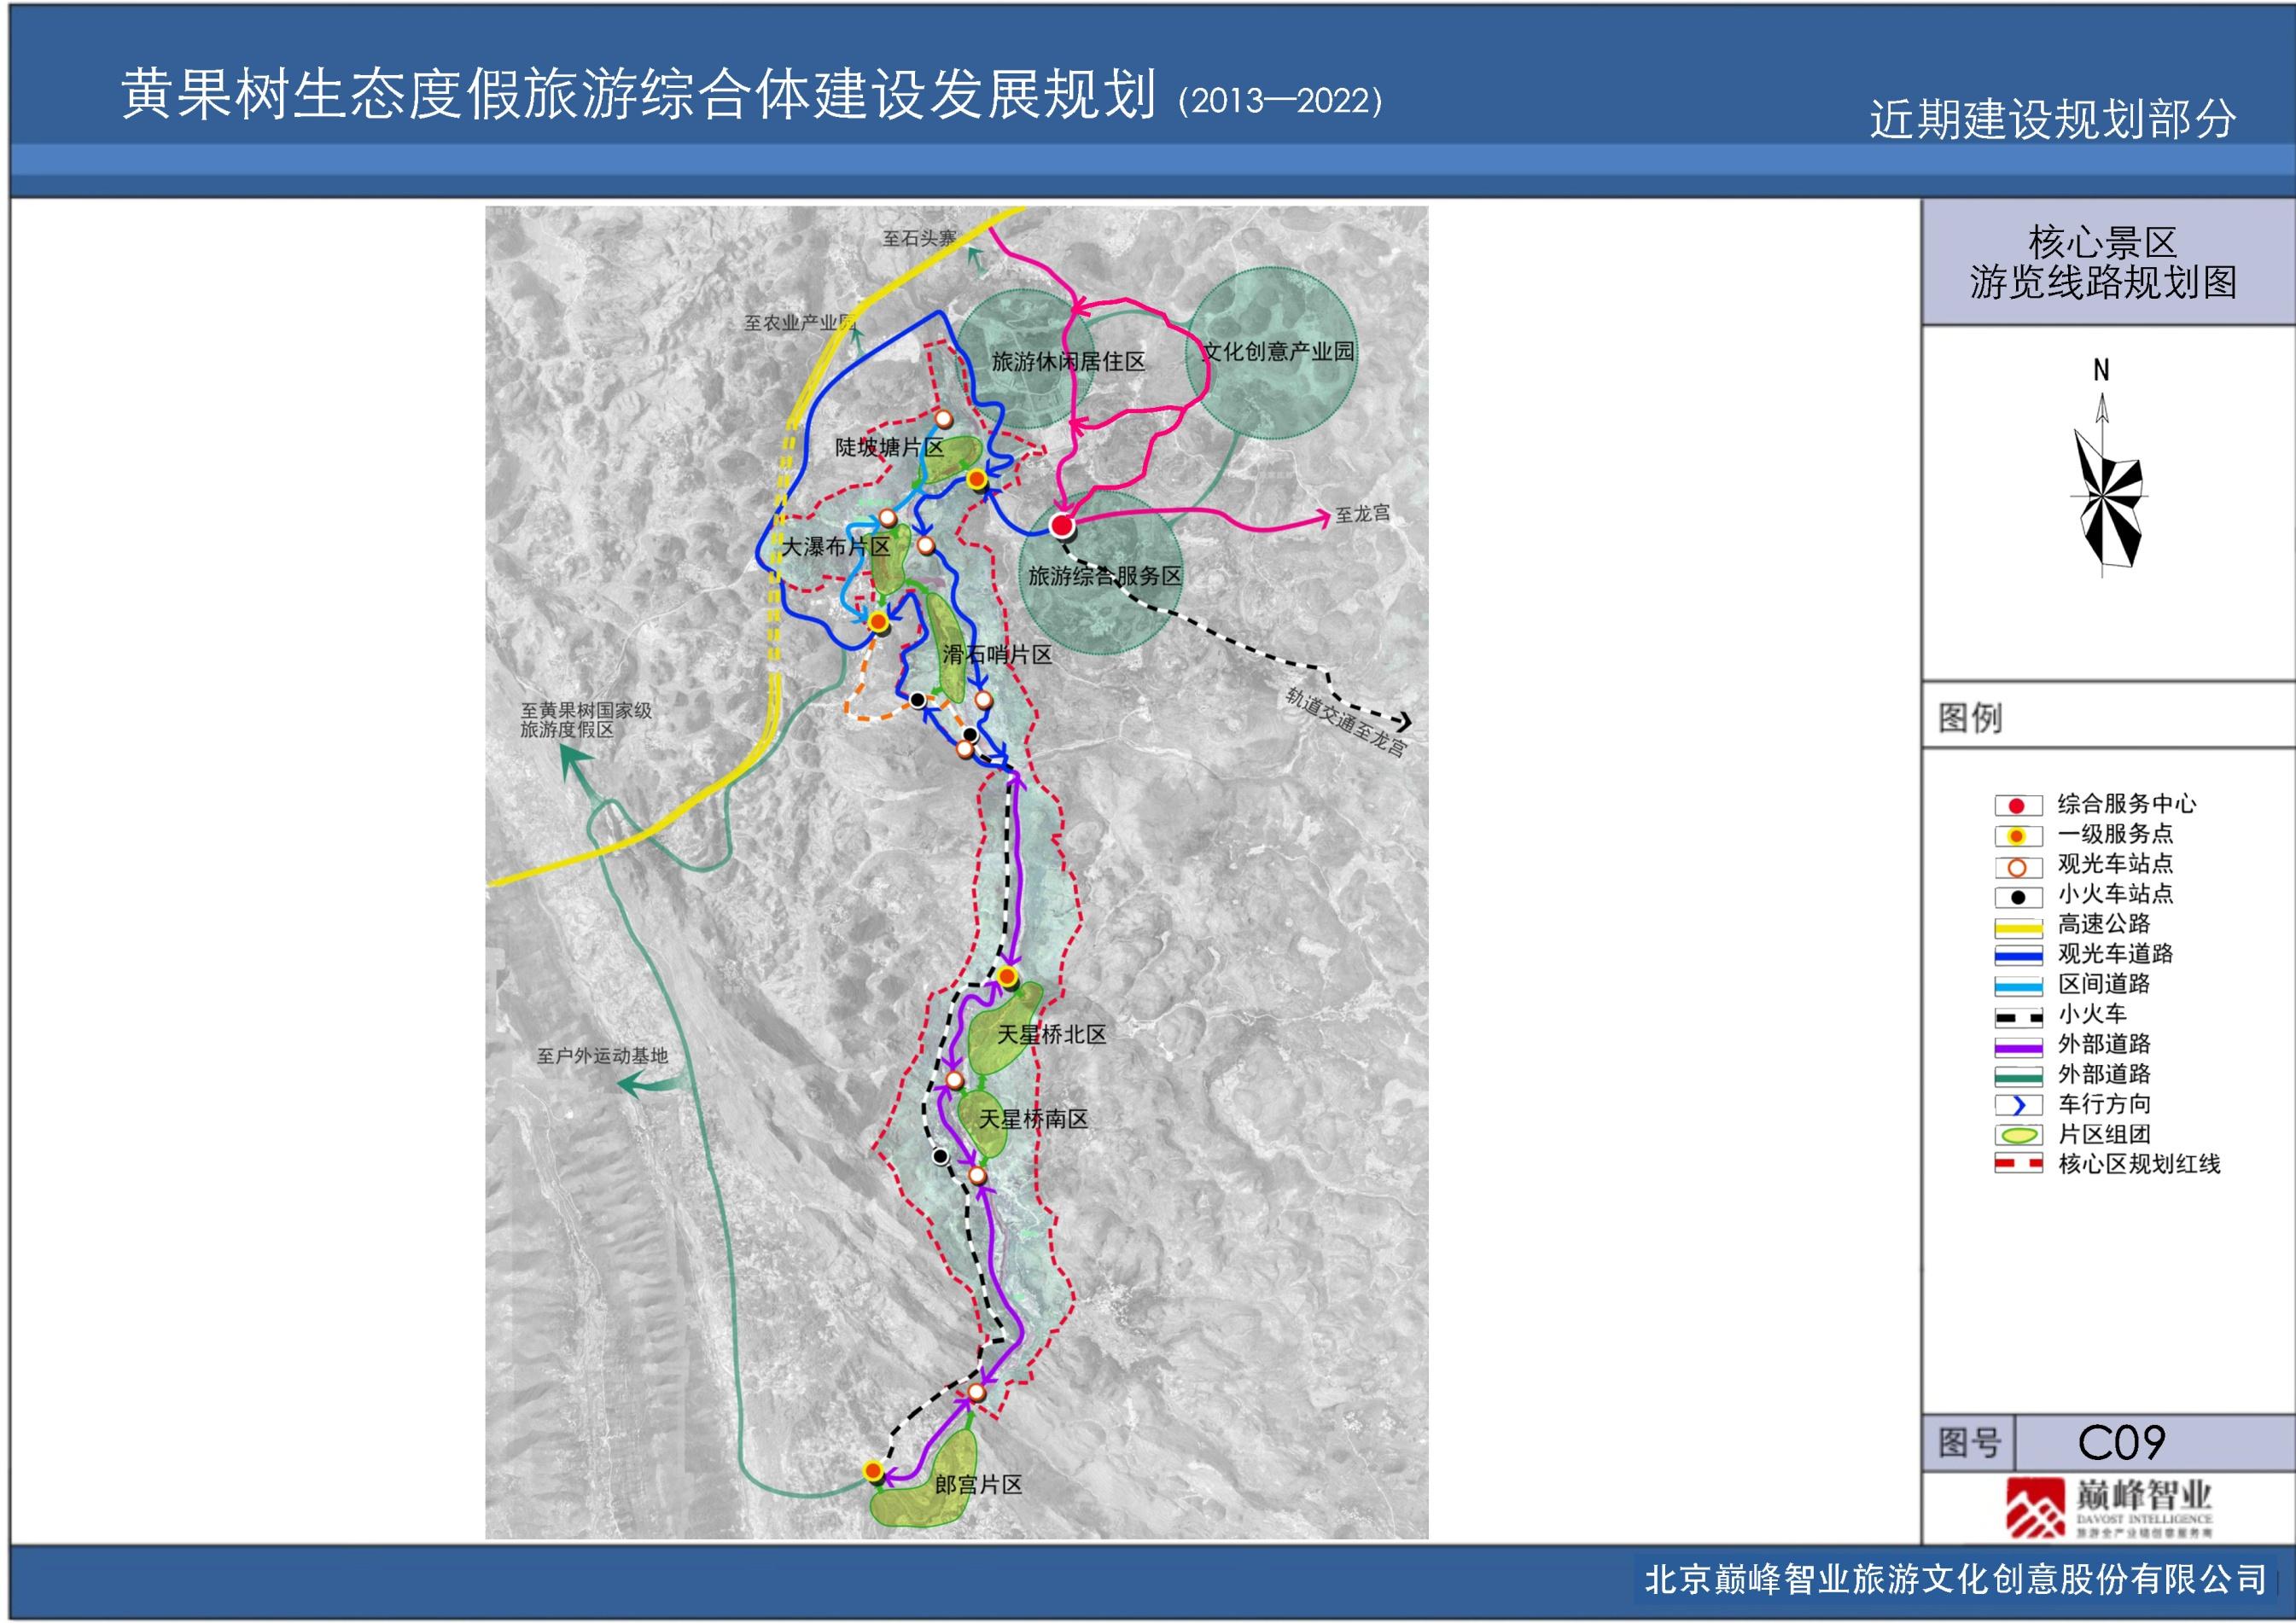 安顺黄果树——龙宫生态度假旅游综合体建设规划